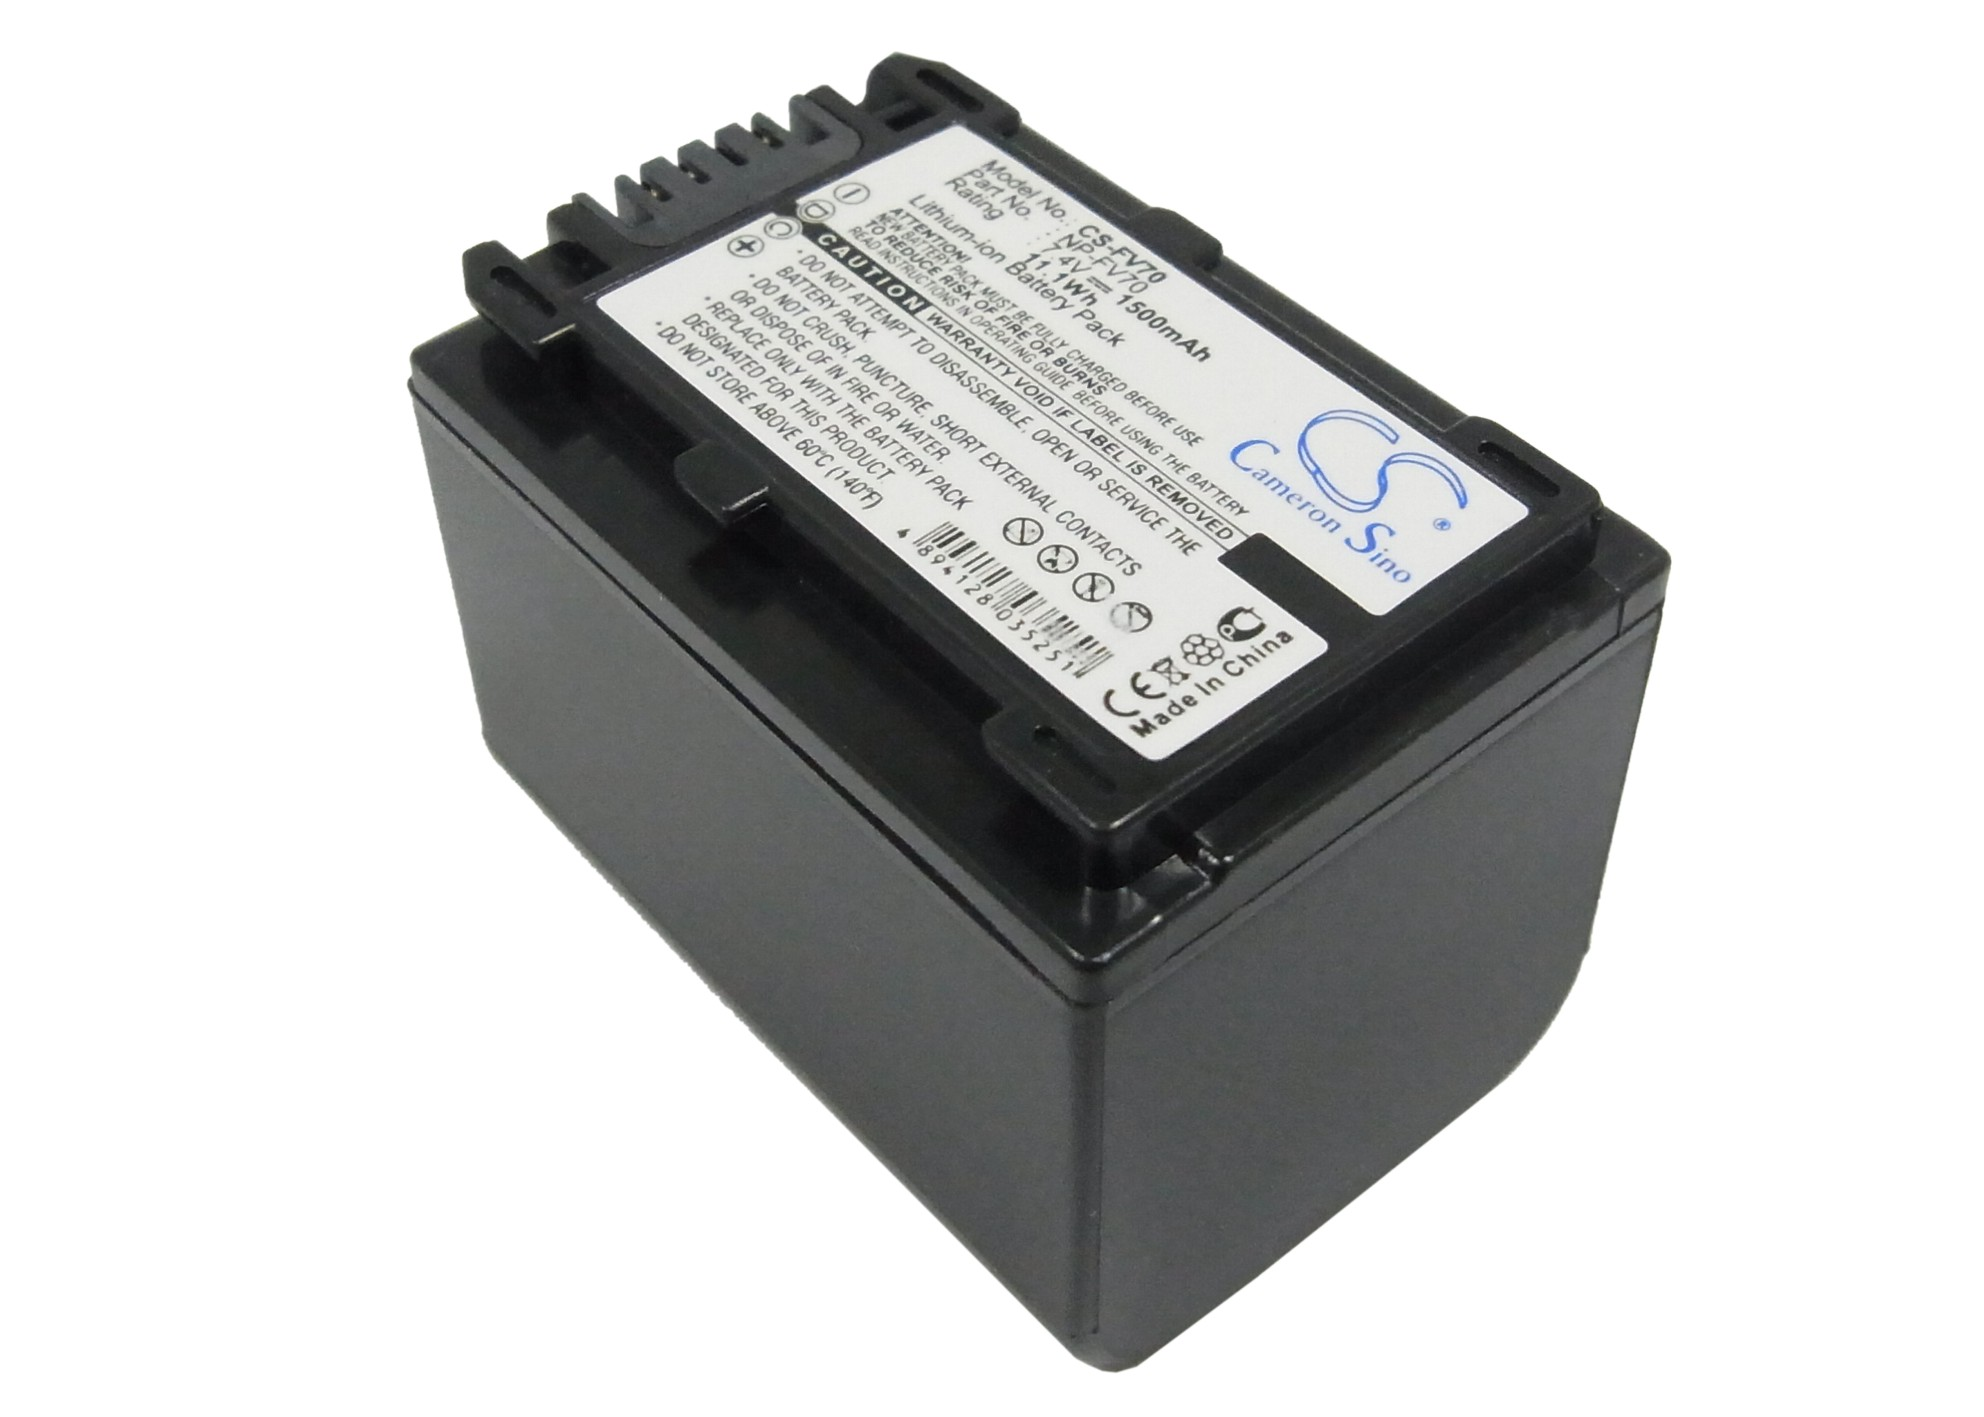 Cameron Sino baterie do kamer a fotoaparátů pro SONY DCR-SR68E/S 7.4V Li-ion 1500mAh černá - neoriginální